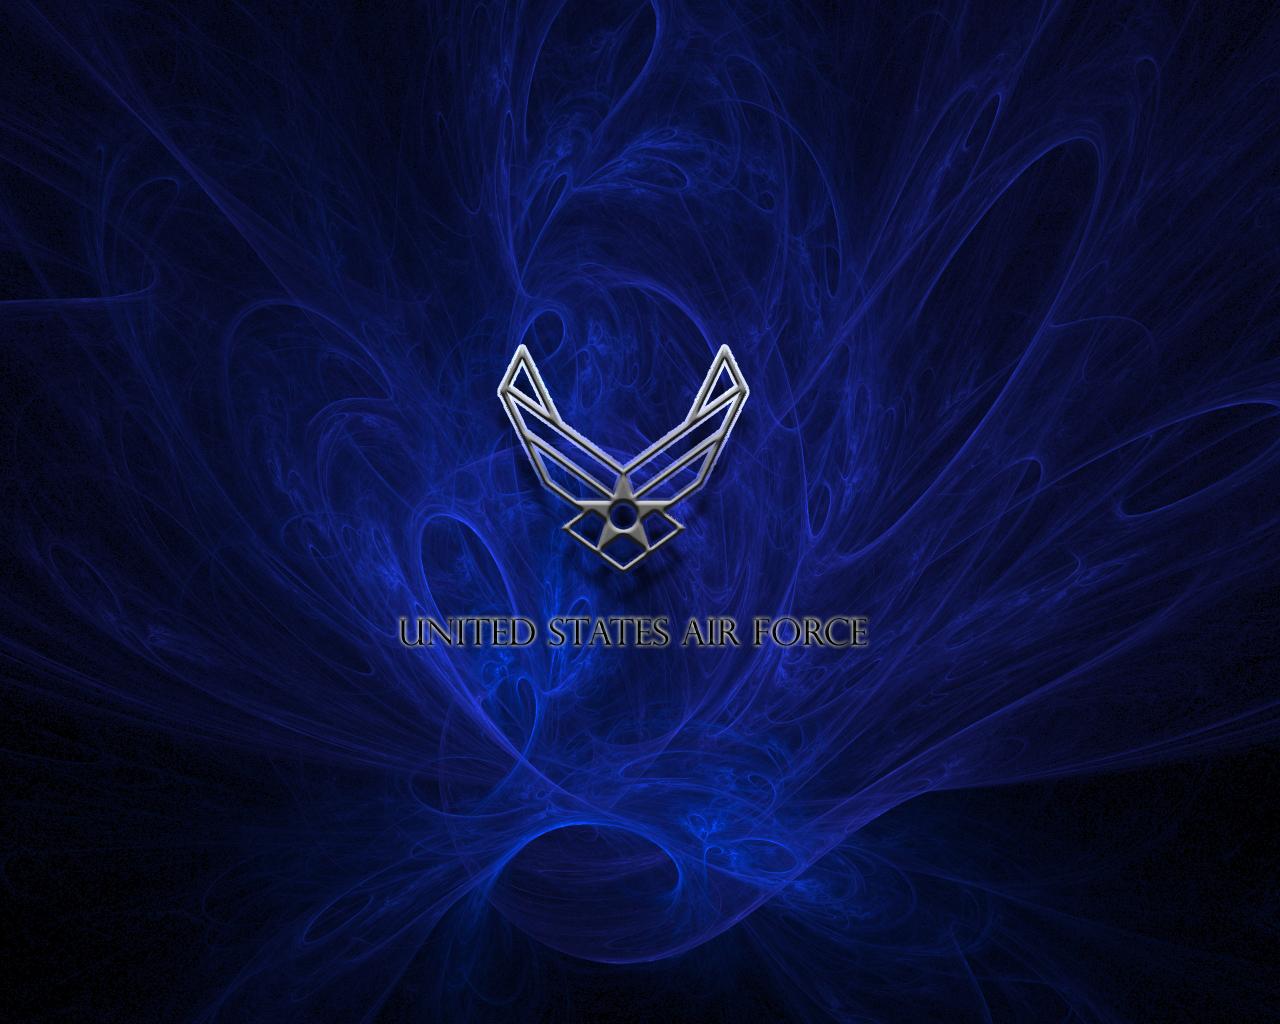 air force logo desktop background